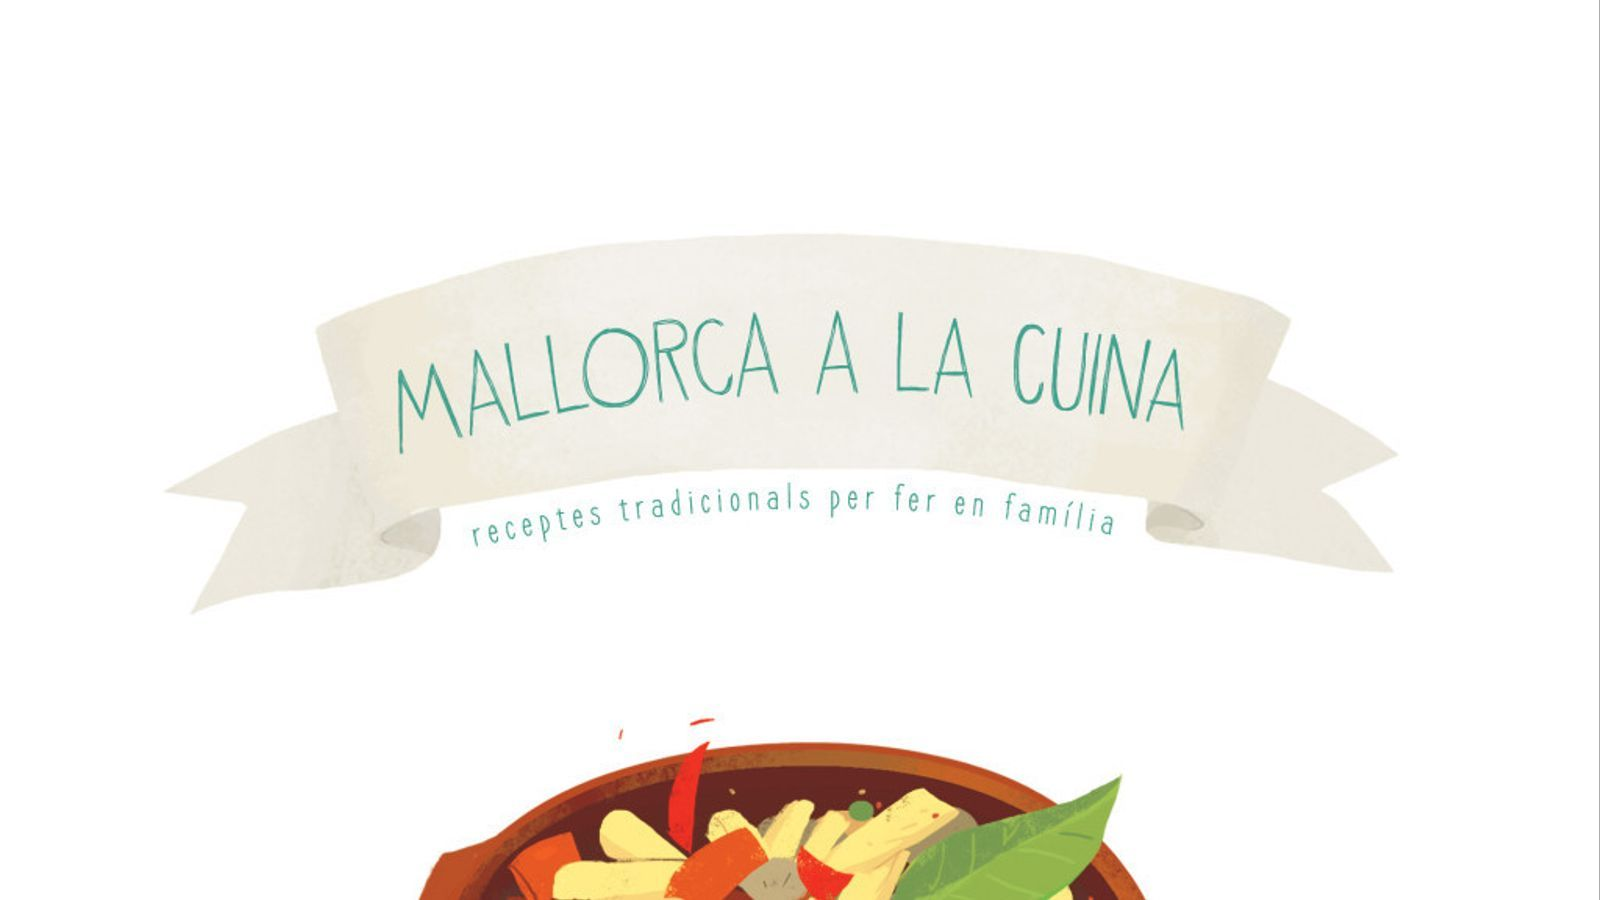 Portada del llibre 'Mallorca a la cuina' de Souvenir edicions.